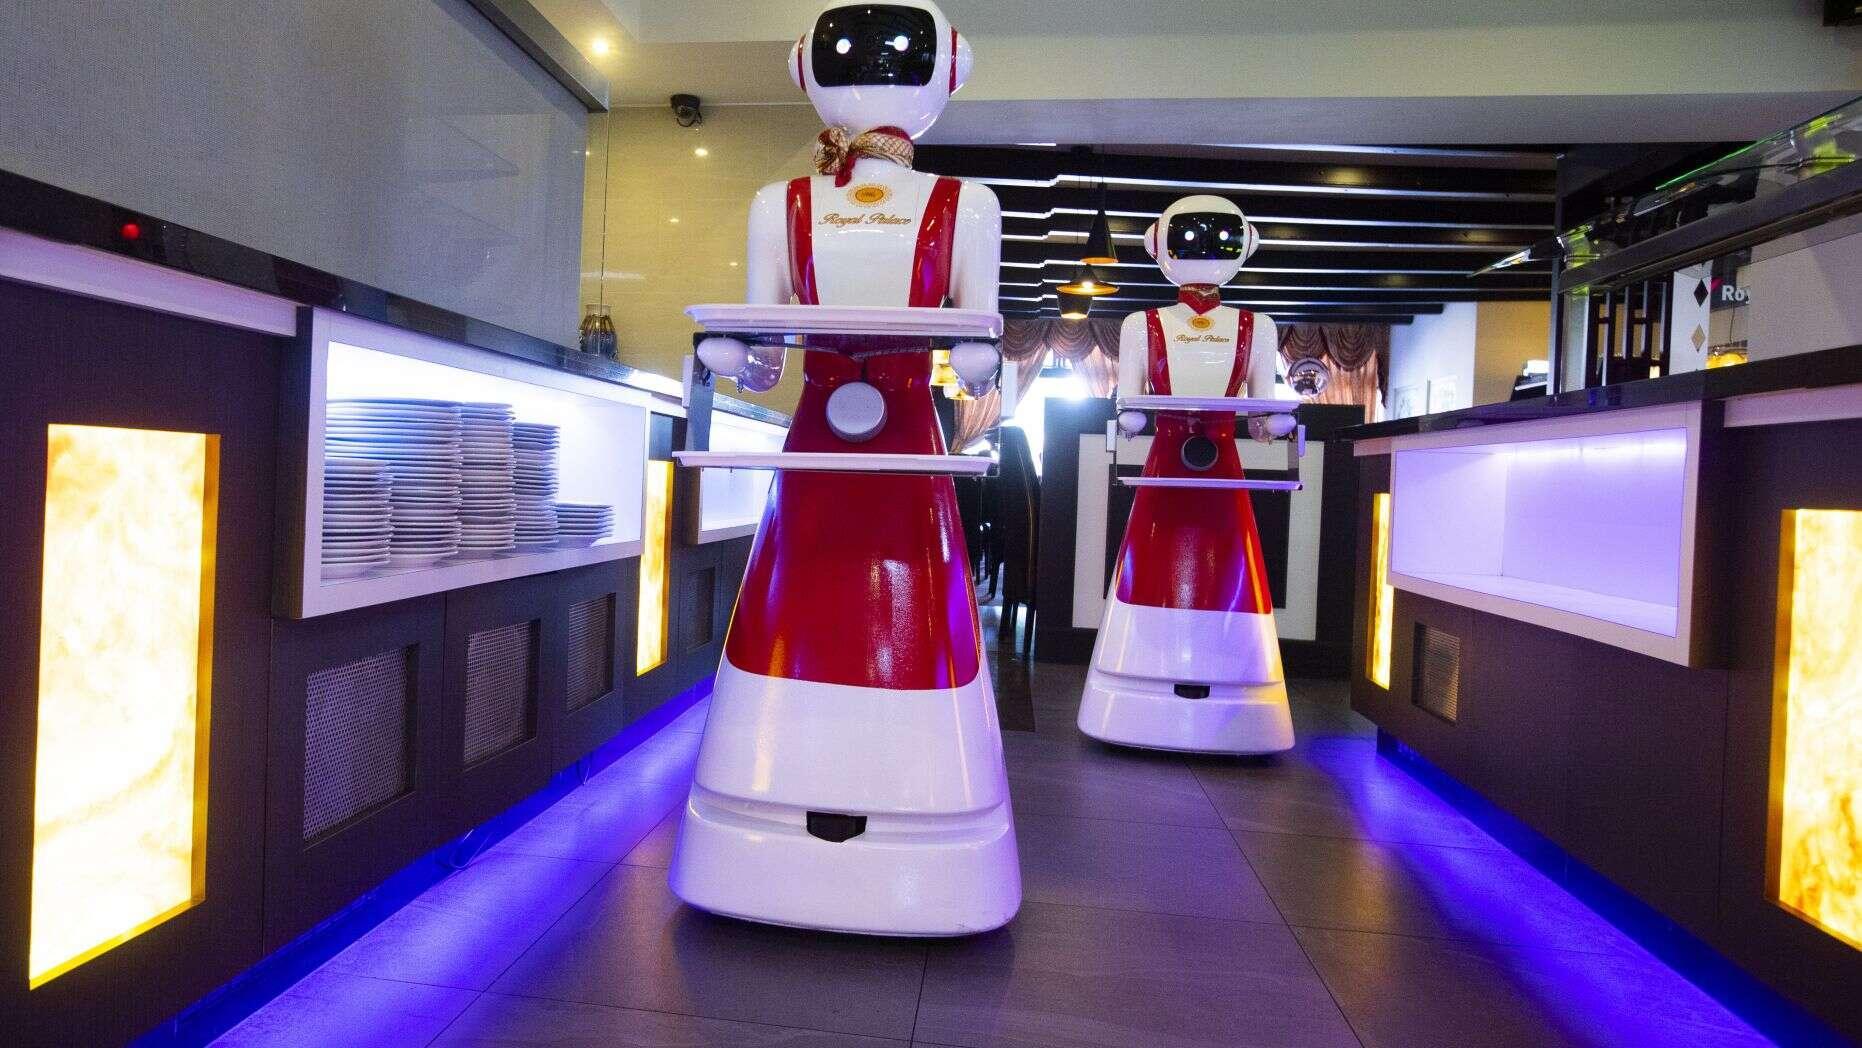 Robot phục vụ thực khách tại nhà hàng ở Hà Lan Ảnh 3